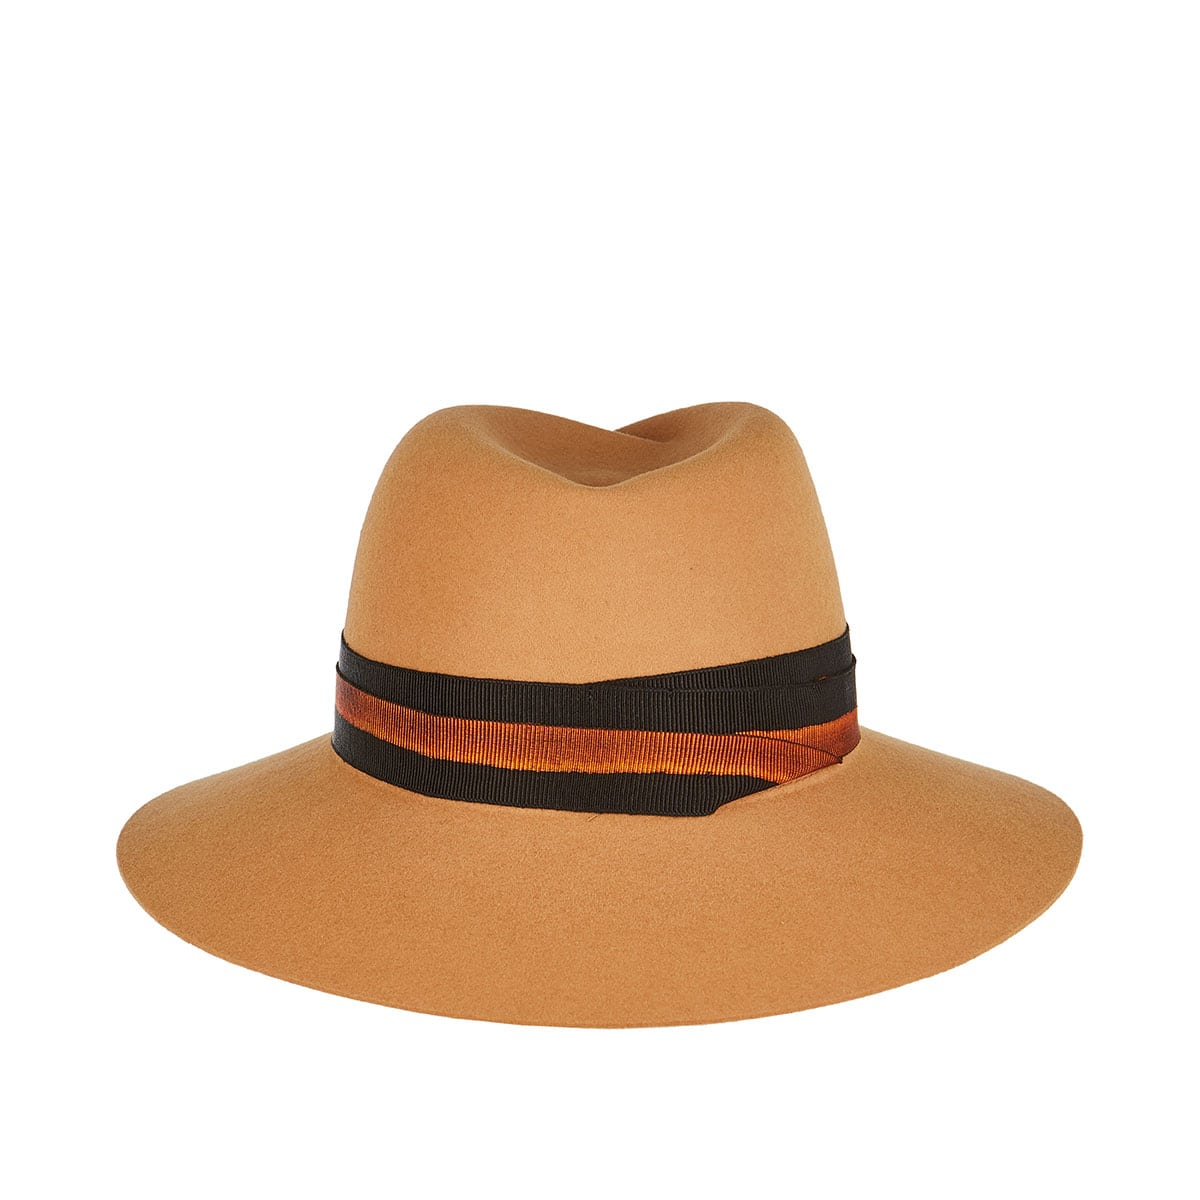 Virginie furfelt fedora hat